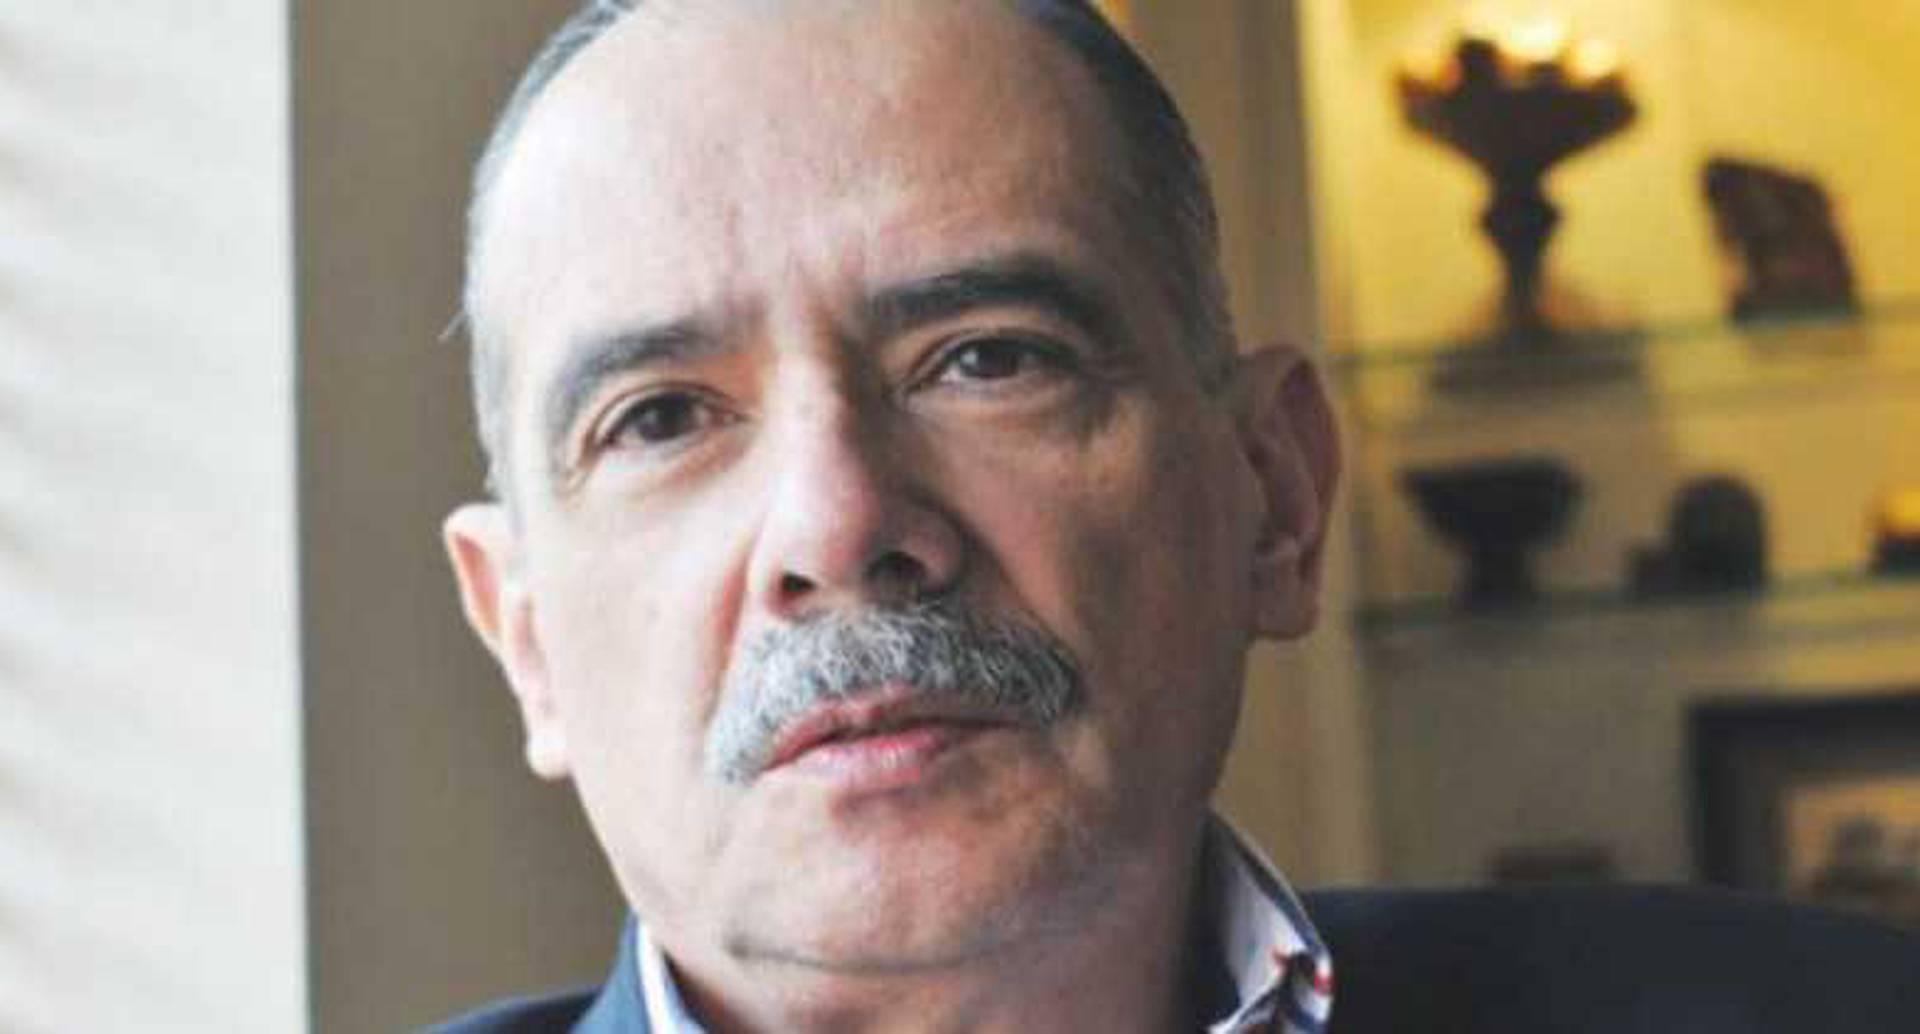 El periodista Gonzalo Guillén asegura que es víctima de hostigamientos.